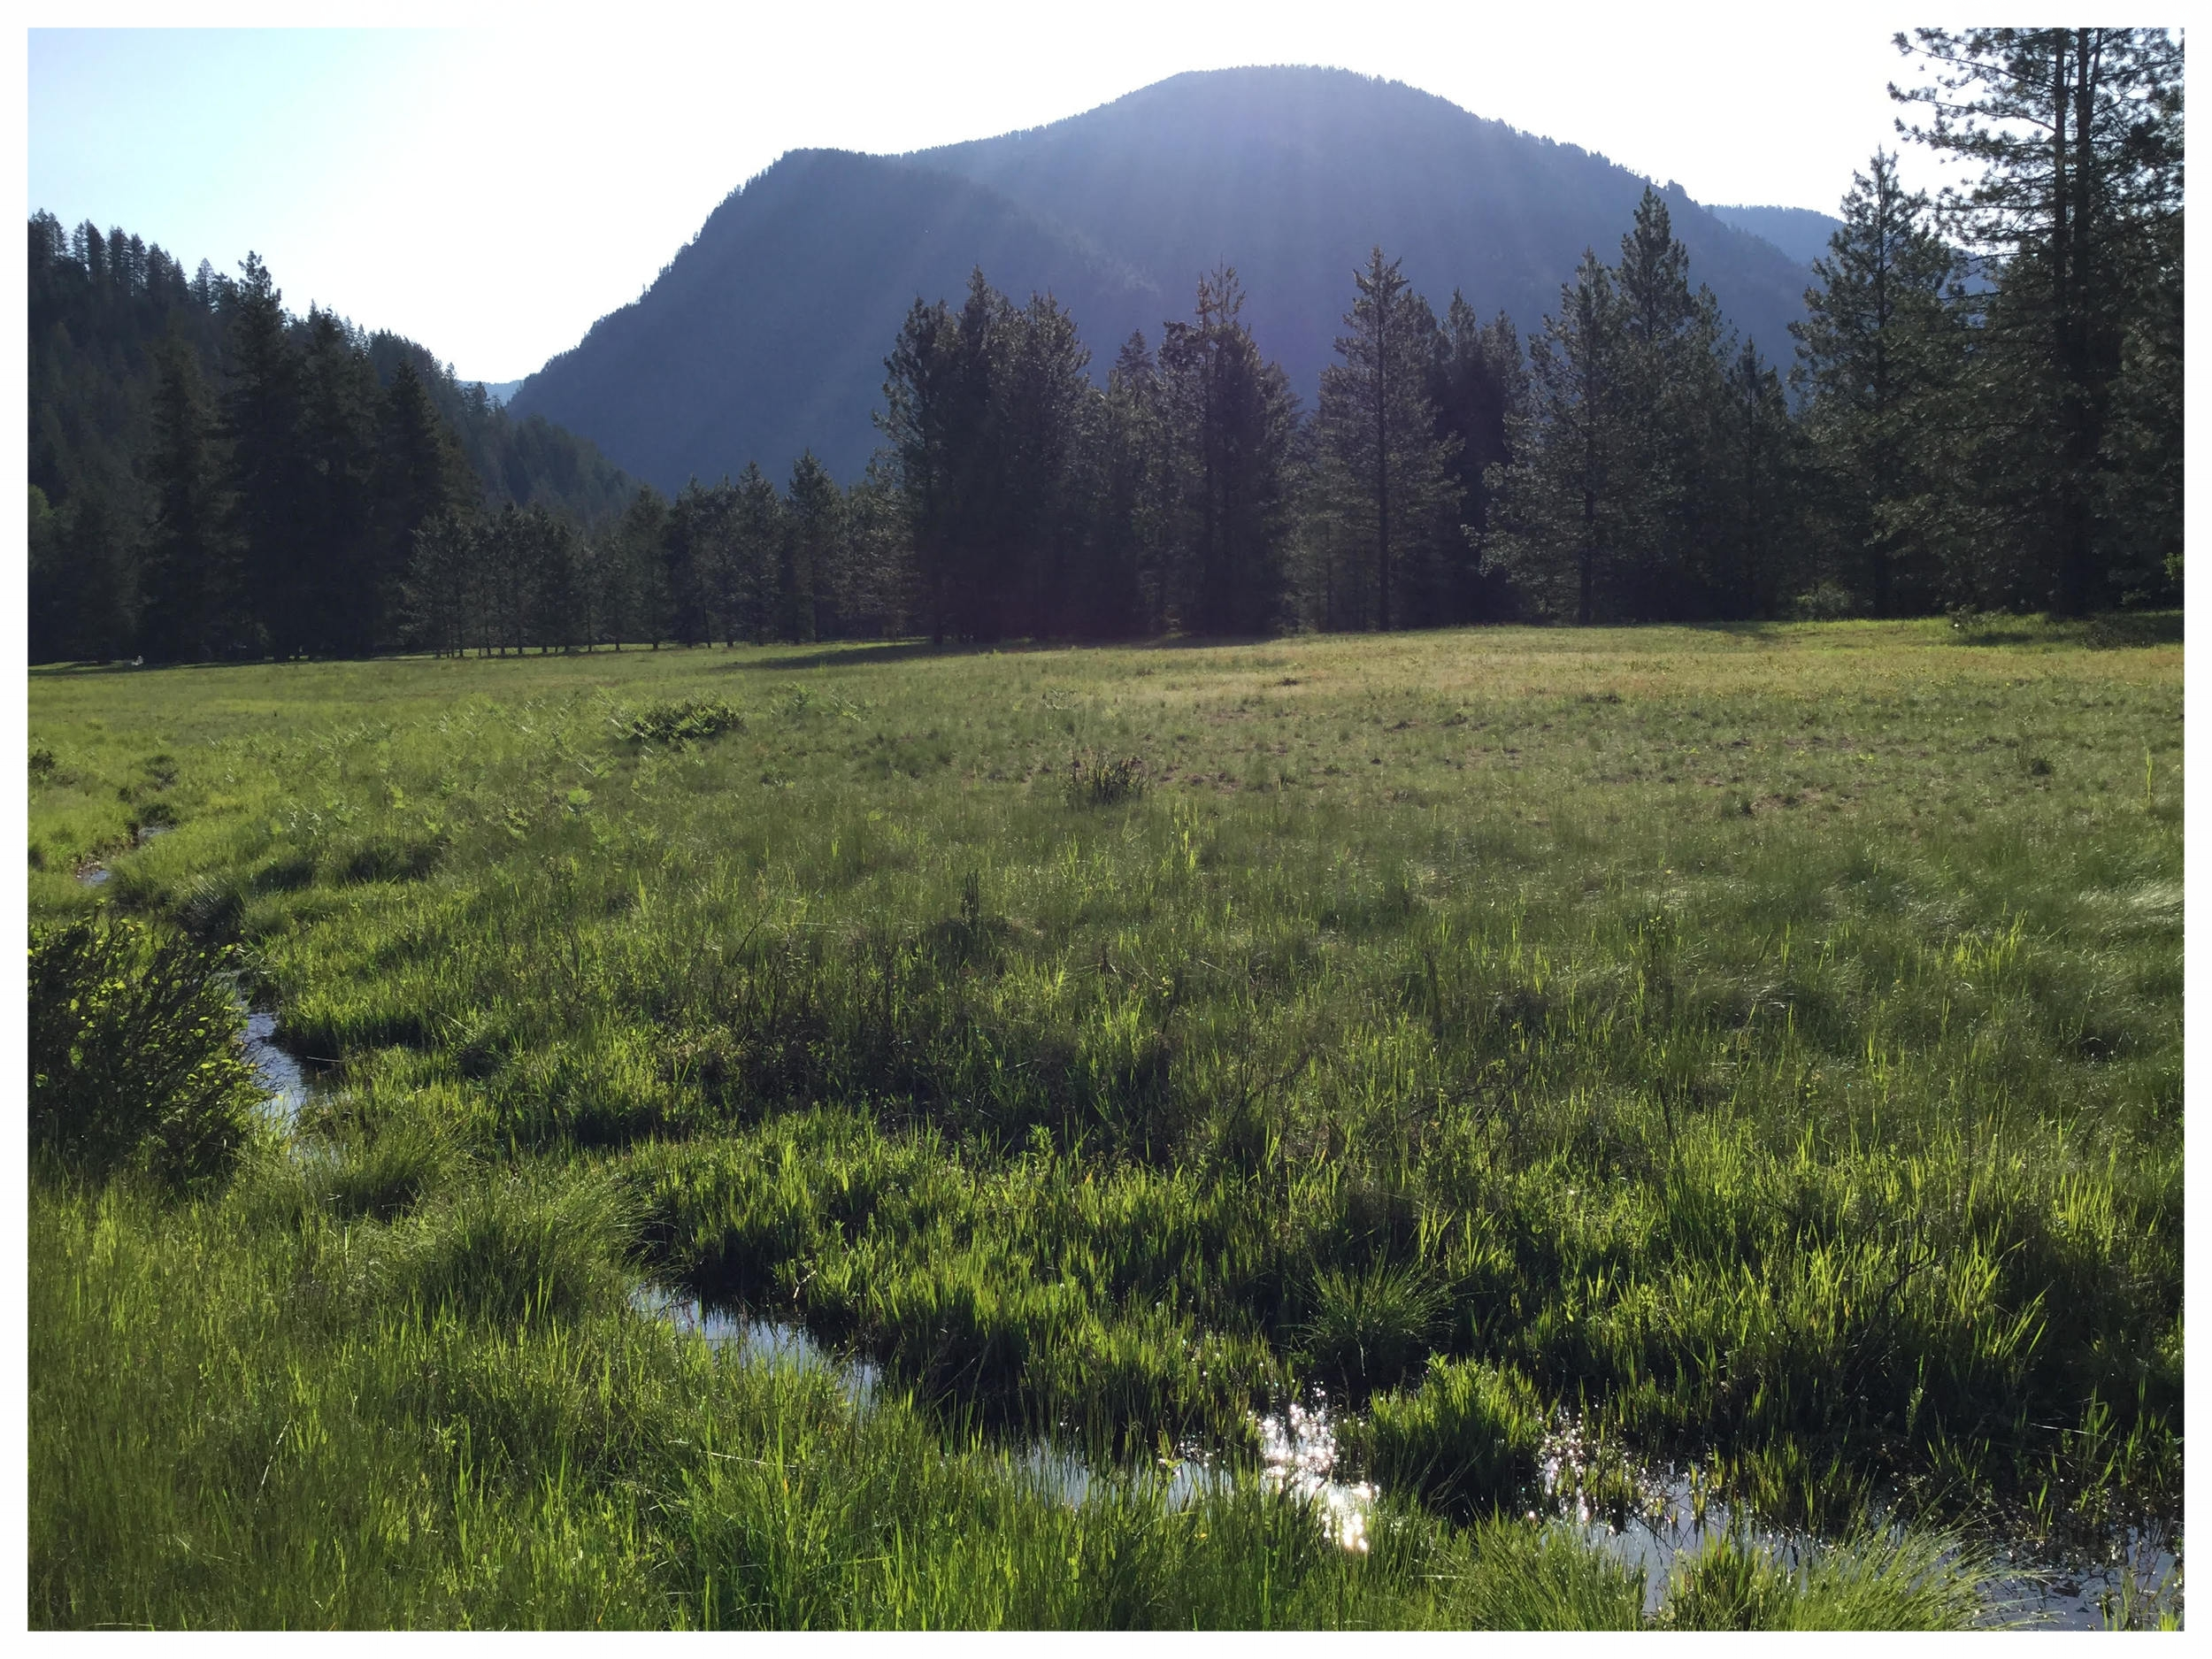 Moose Meadow Farm Meadow